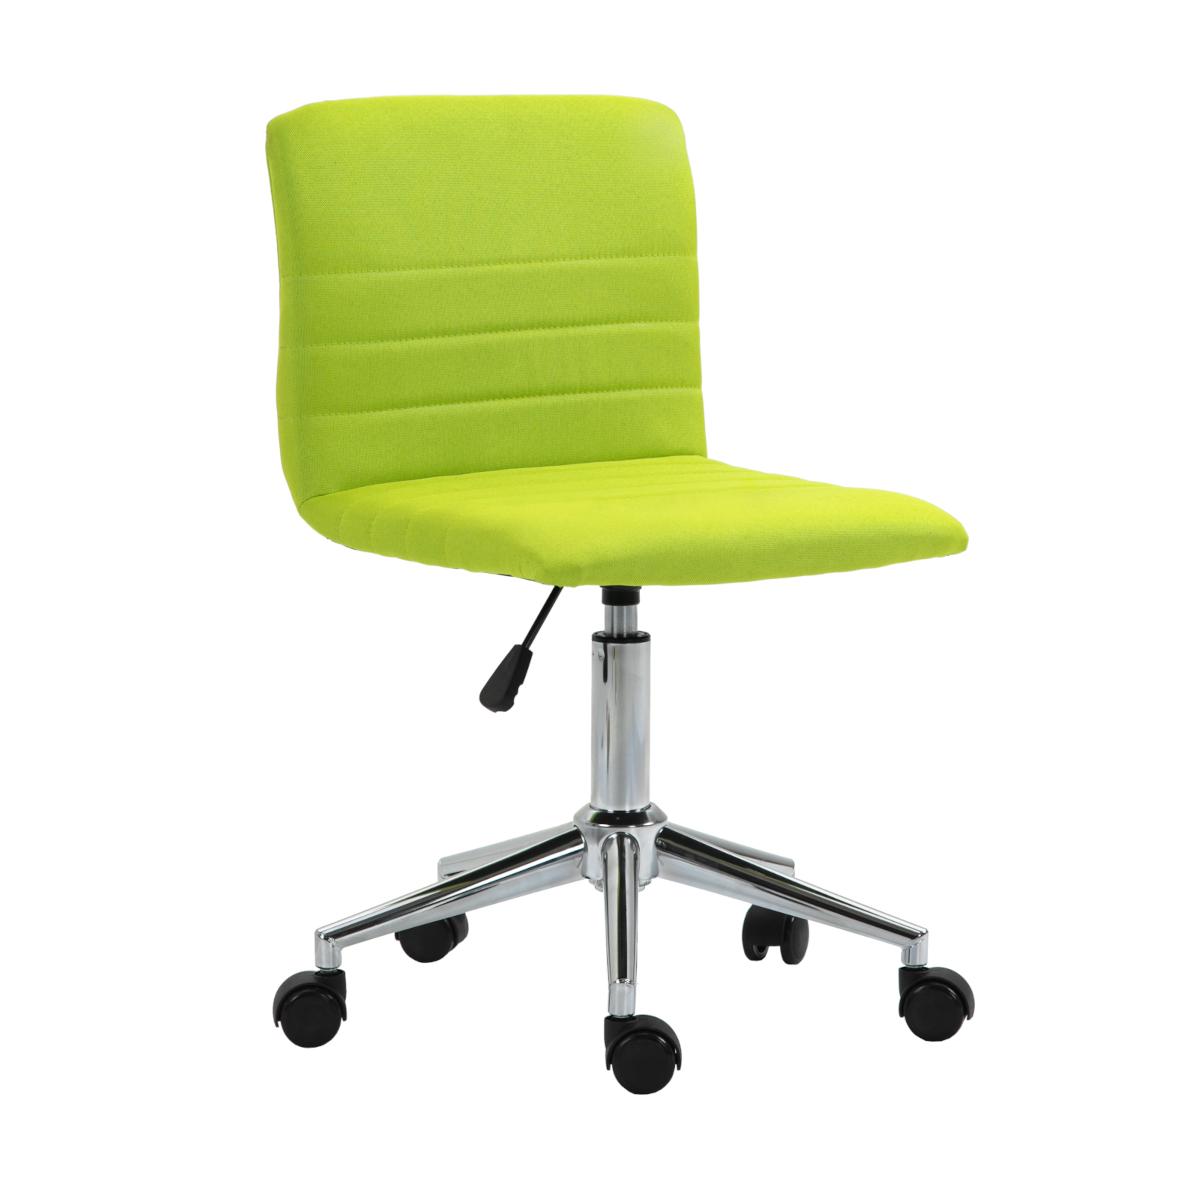 92217 SVITA LINUS Schreibtischstuhl Kinder Drehstuhl Stoffbezug Grün